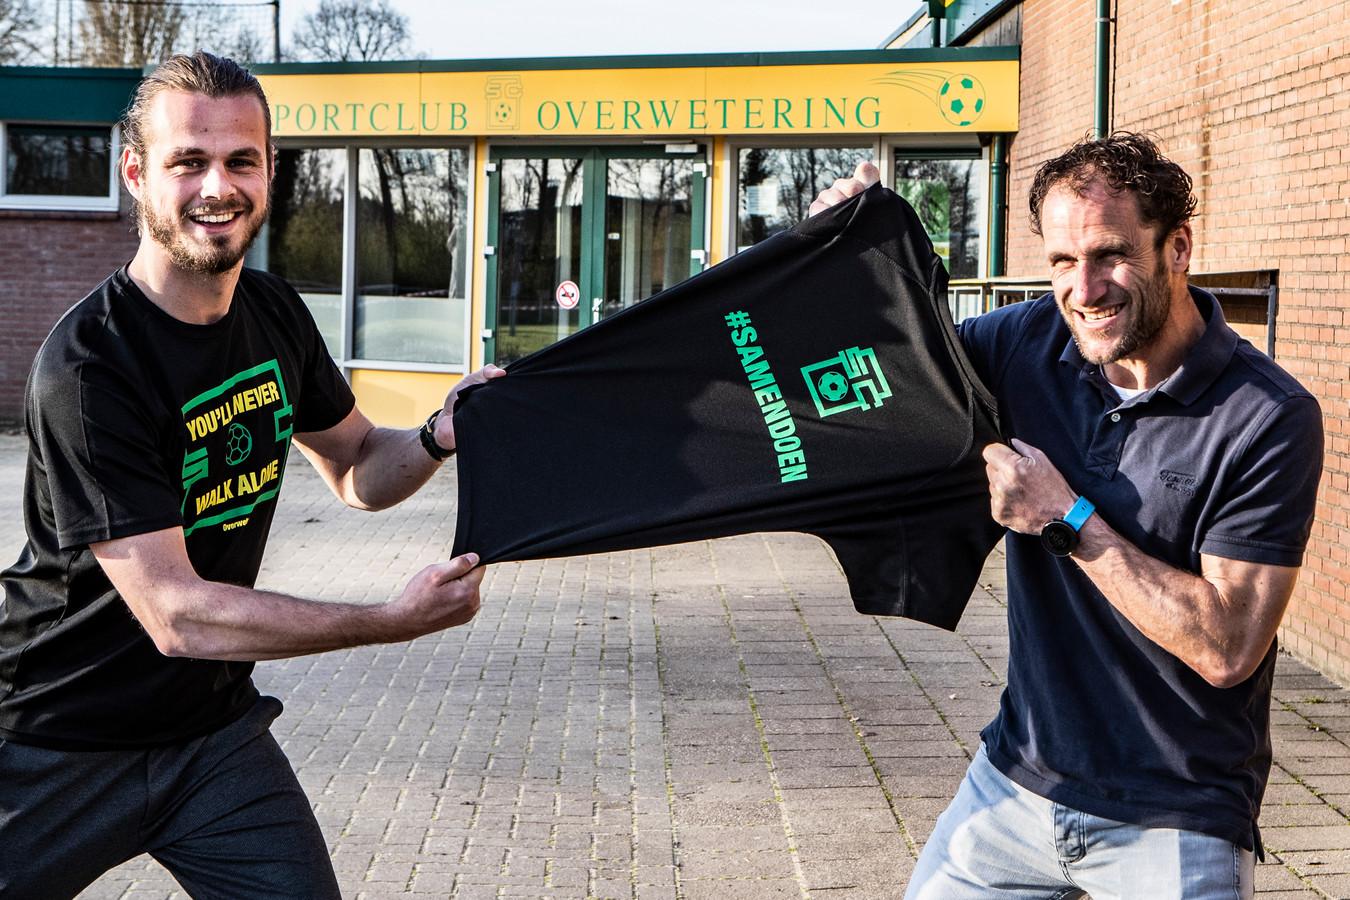 Voetballer Ferdi van Breukelen (l) en trainer Sander Poll hebben shirt op markt gezet om saamhorigheid club in zware coronatijden te bevorderen.